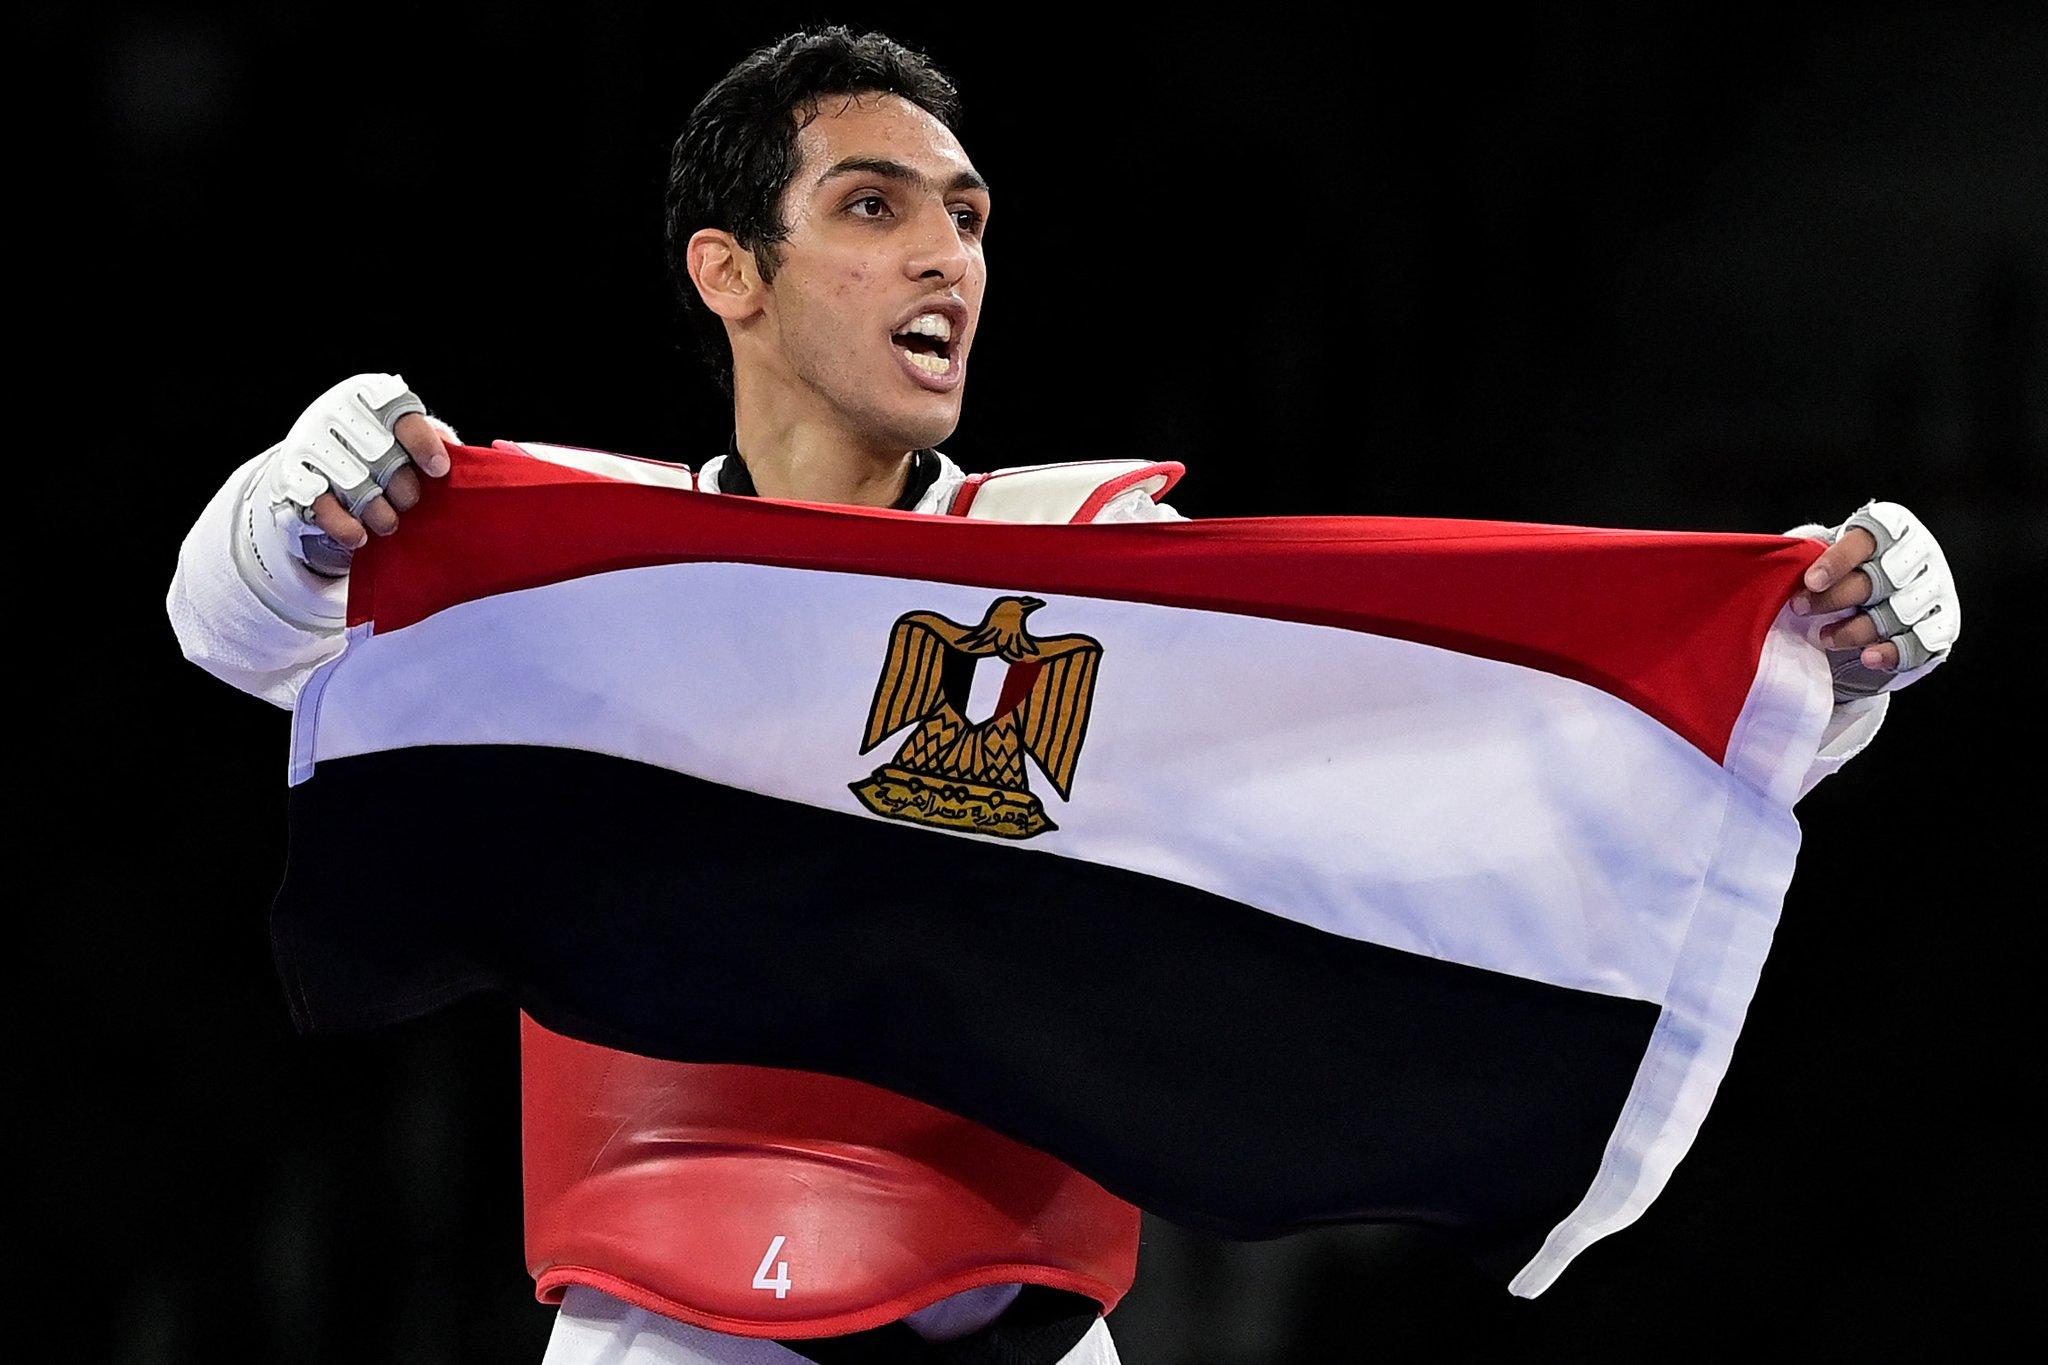 أولمبياد طوكيو - البطل المصري سيف عيسى المتوج ببرونزية التايكوندو